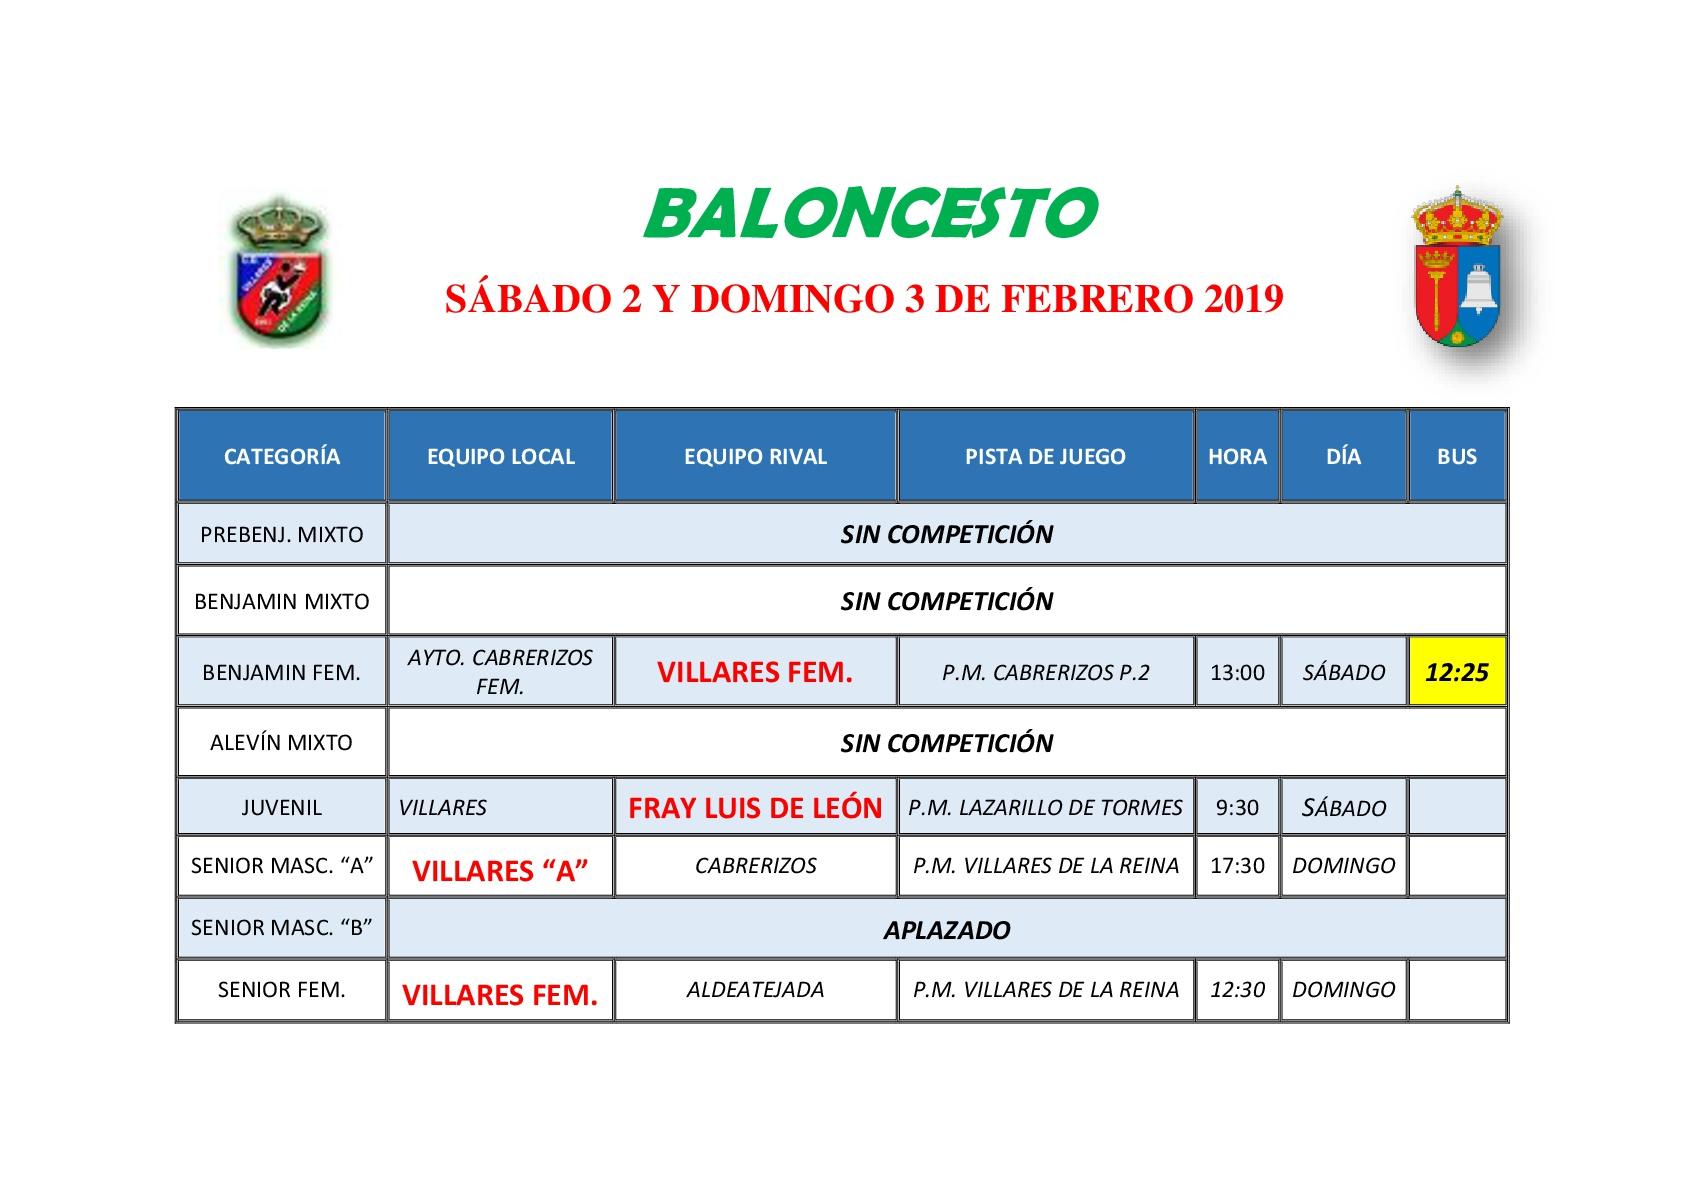 HORARIOS DE BALONCESTO S�BADO 2 Y DOMINGO 3 DE FEBRERO